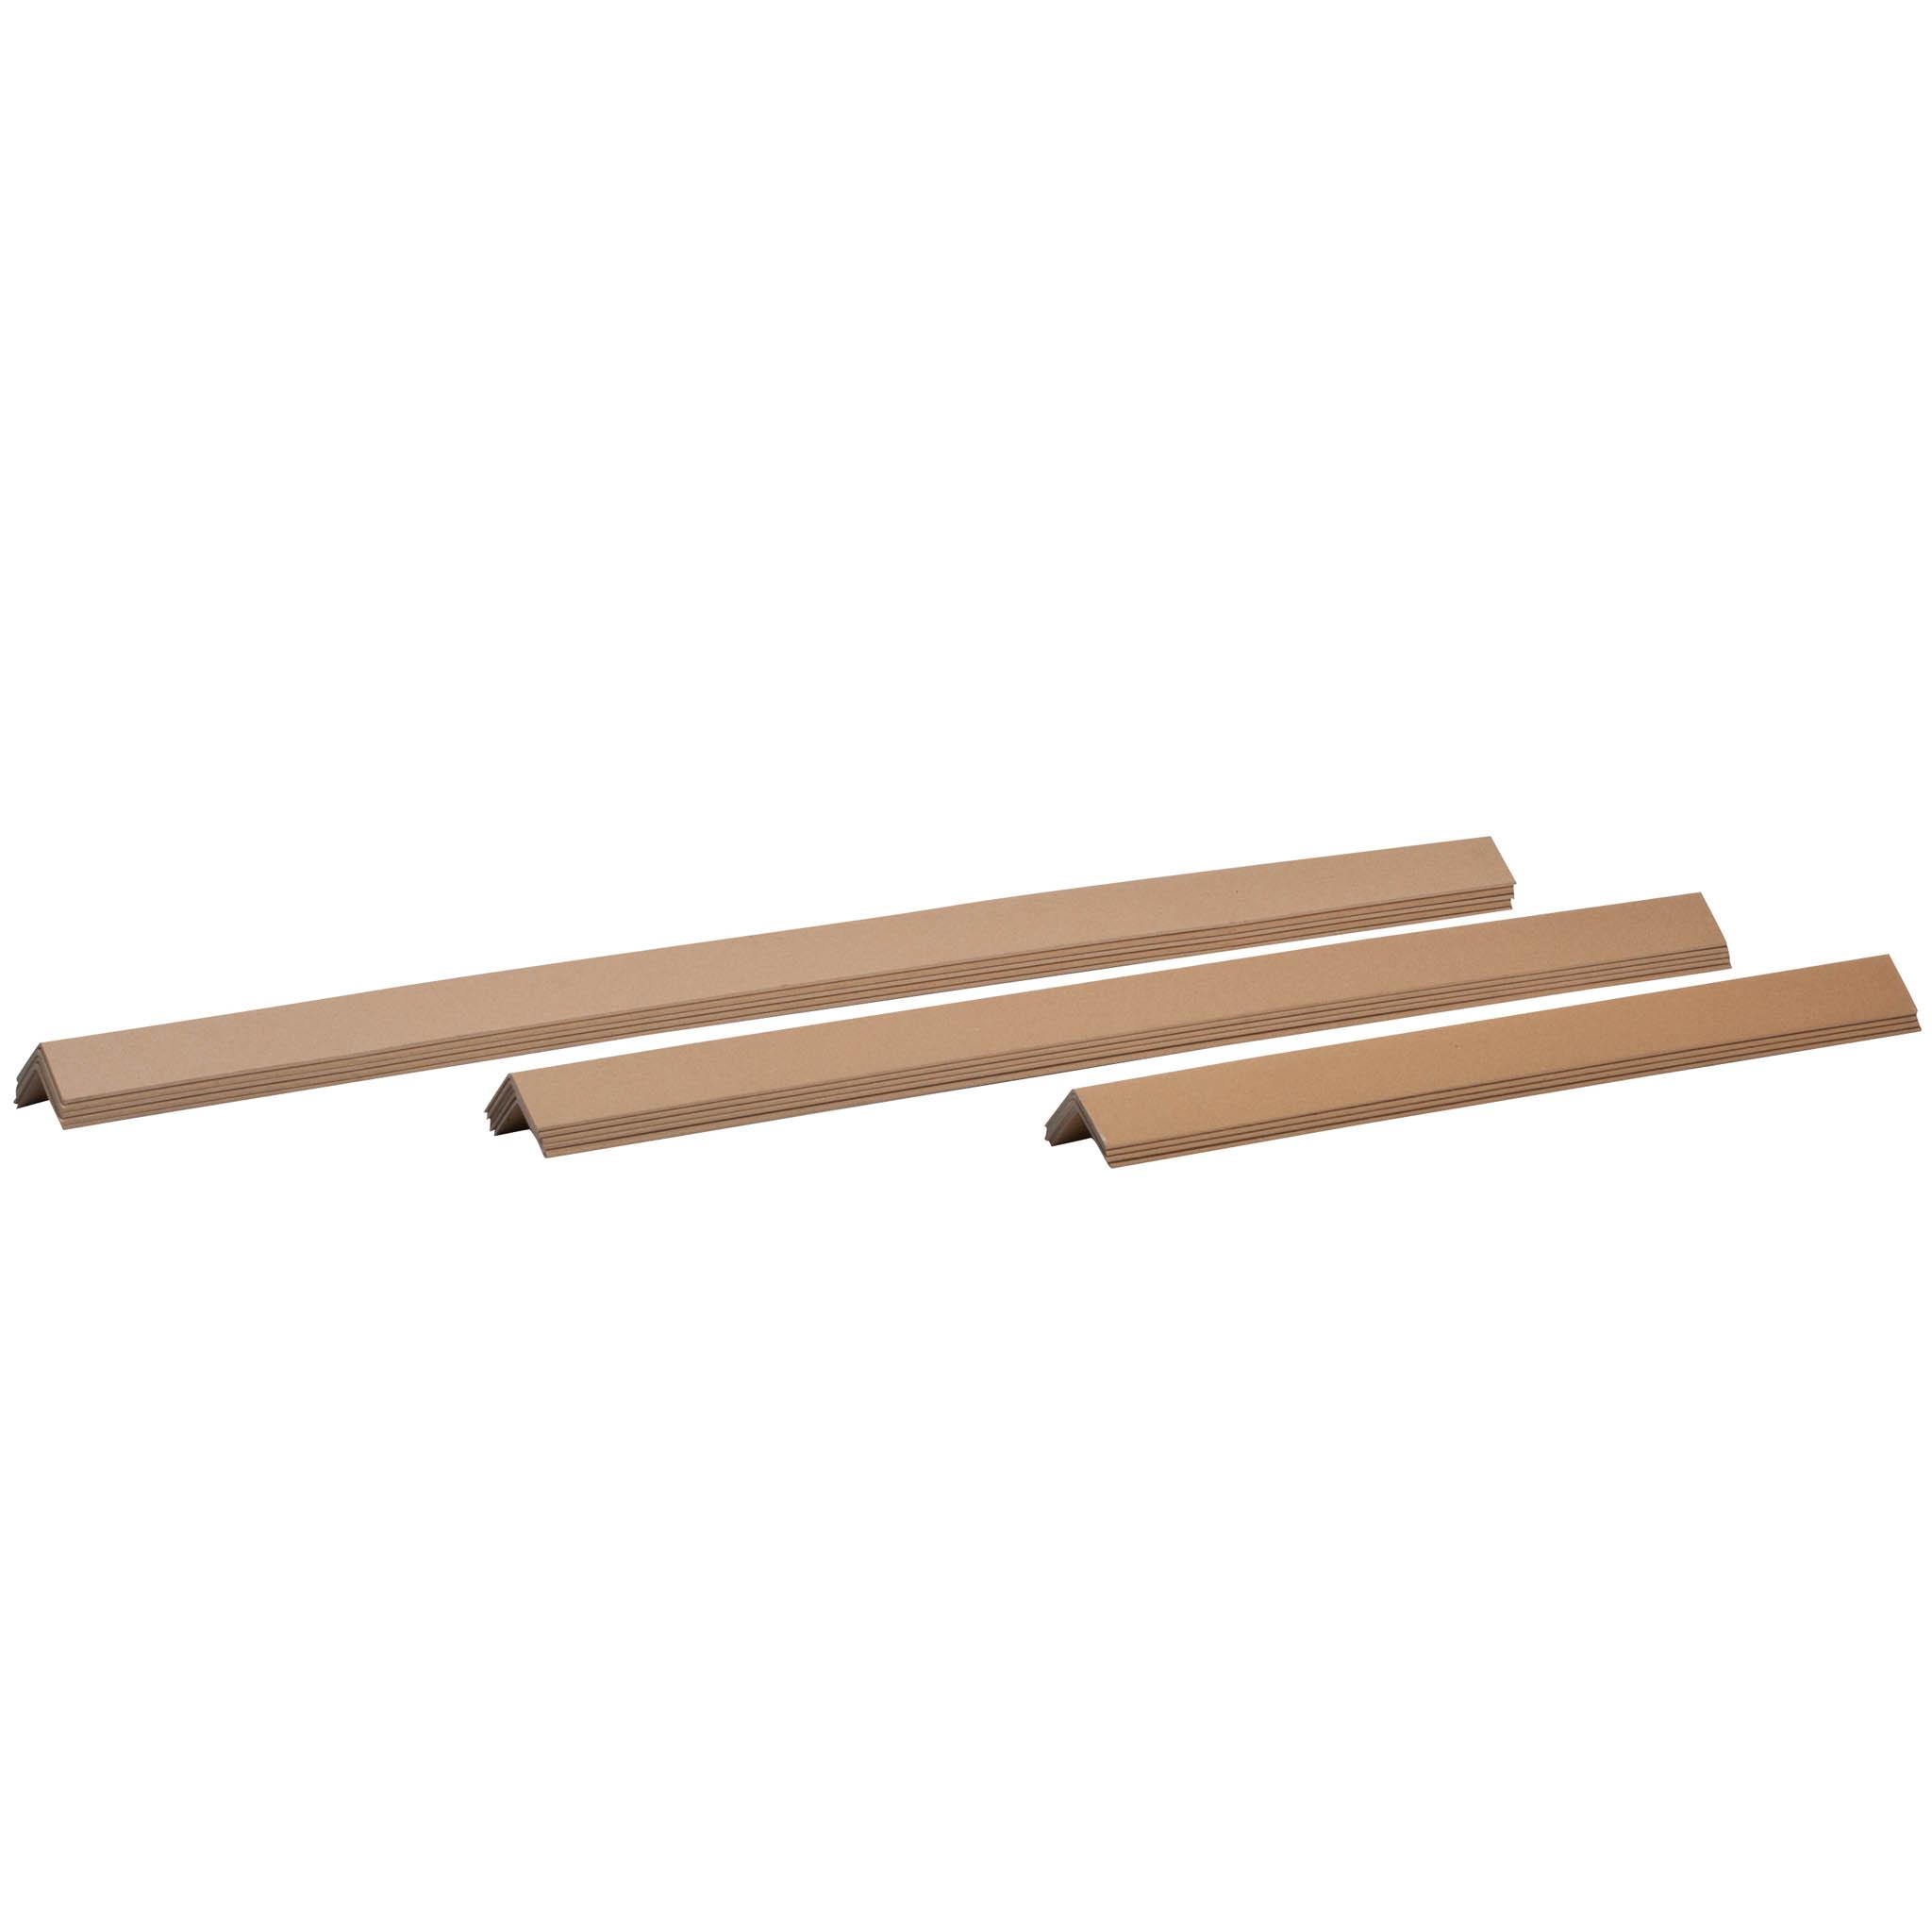 Kantenschutzwinkel Größe 1.200 x 50/50 mm